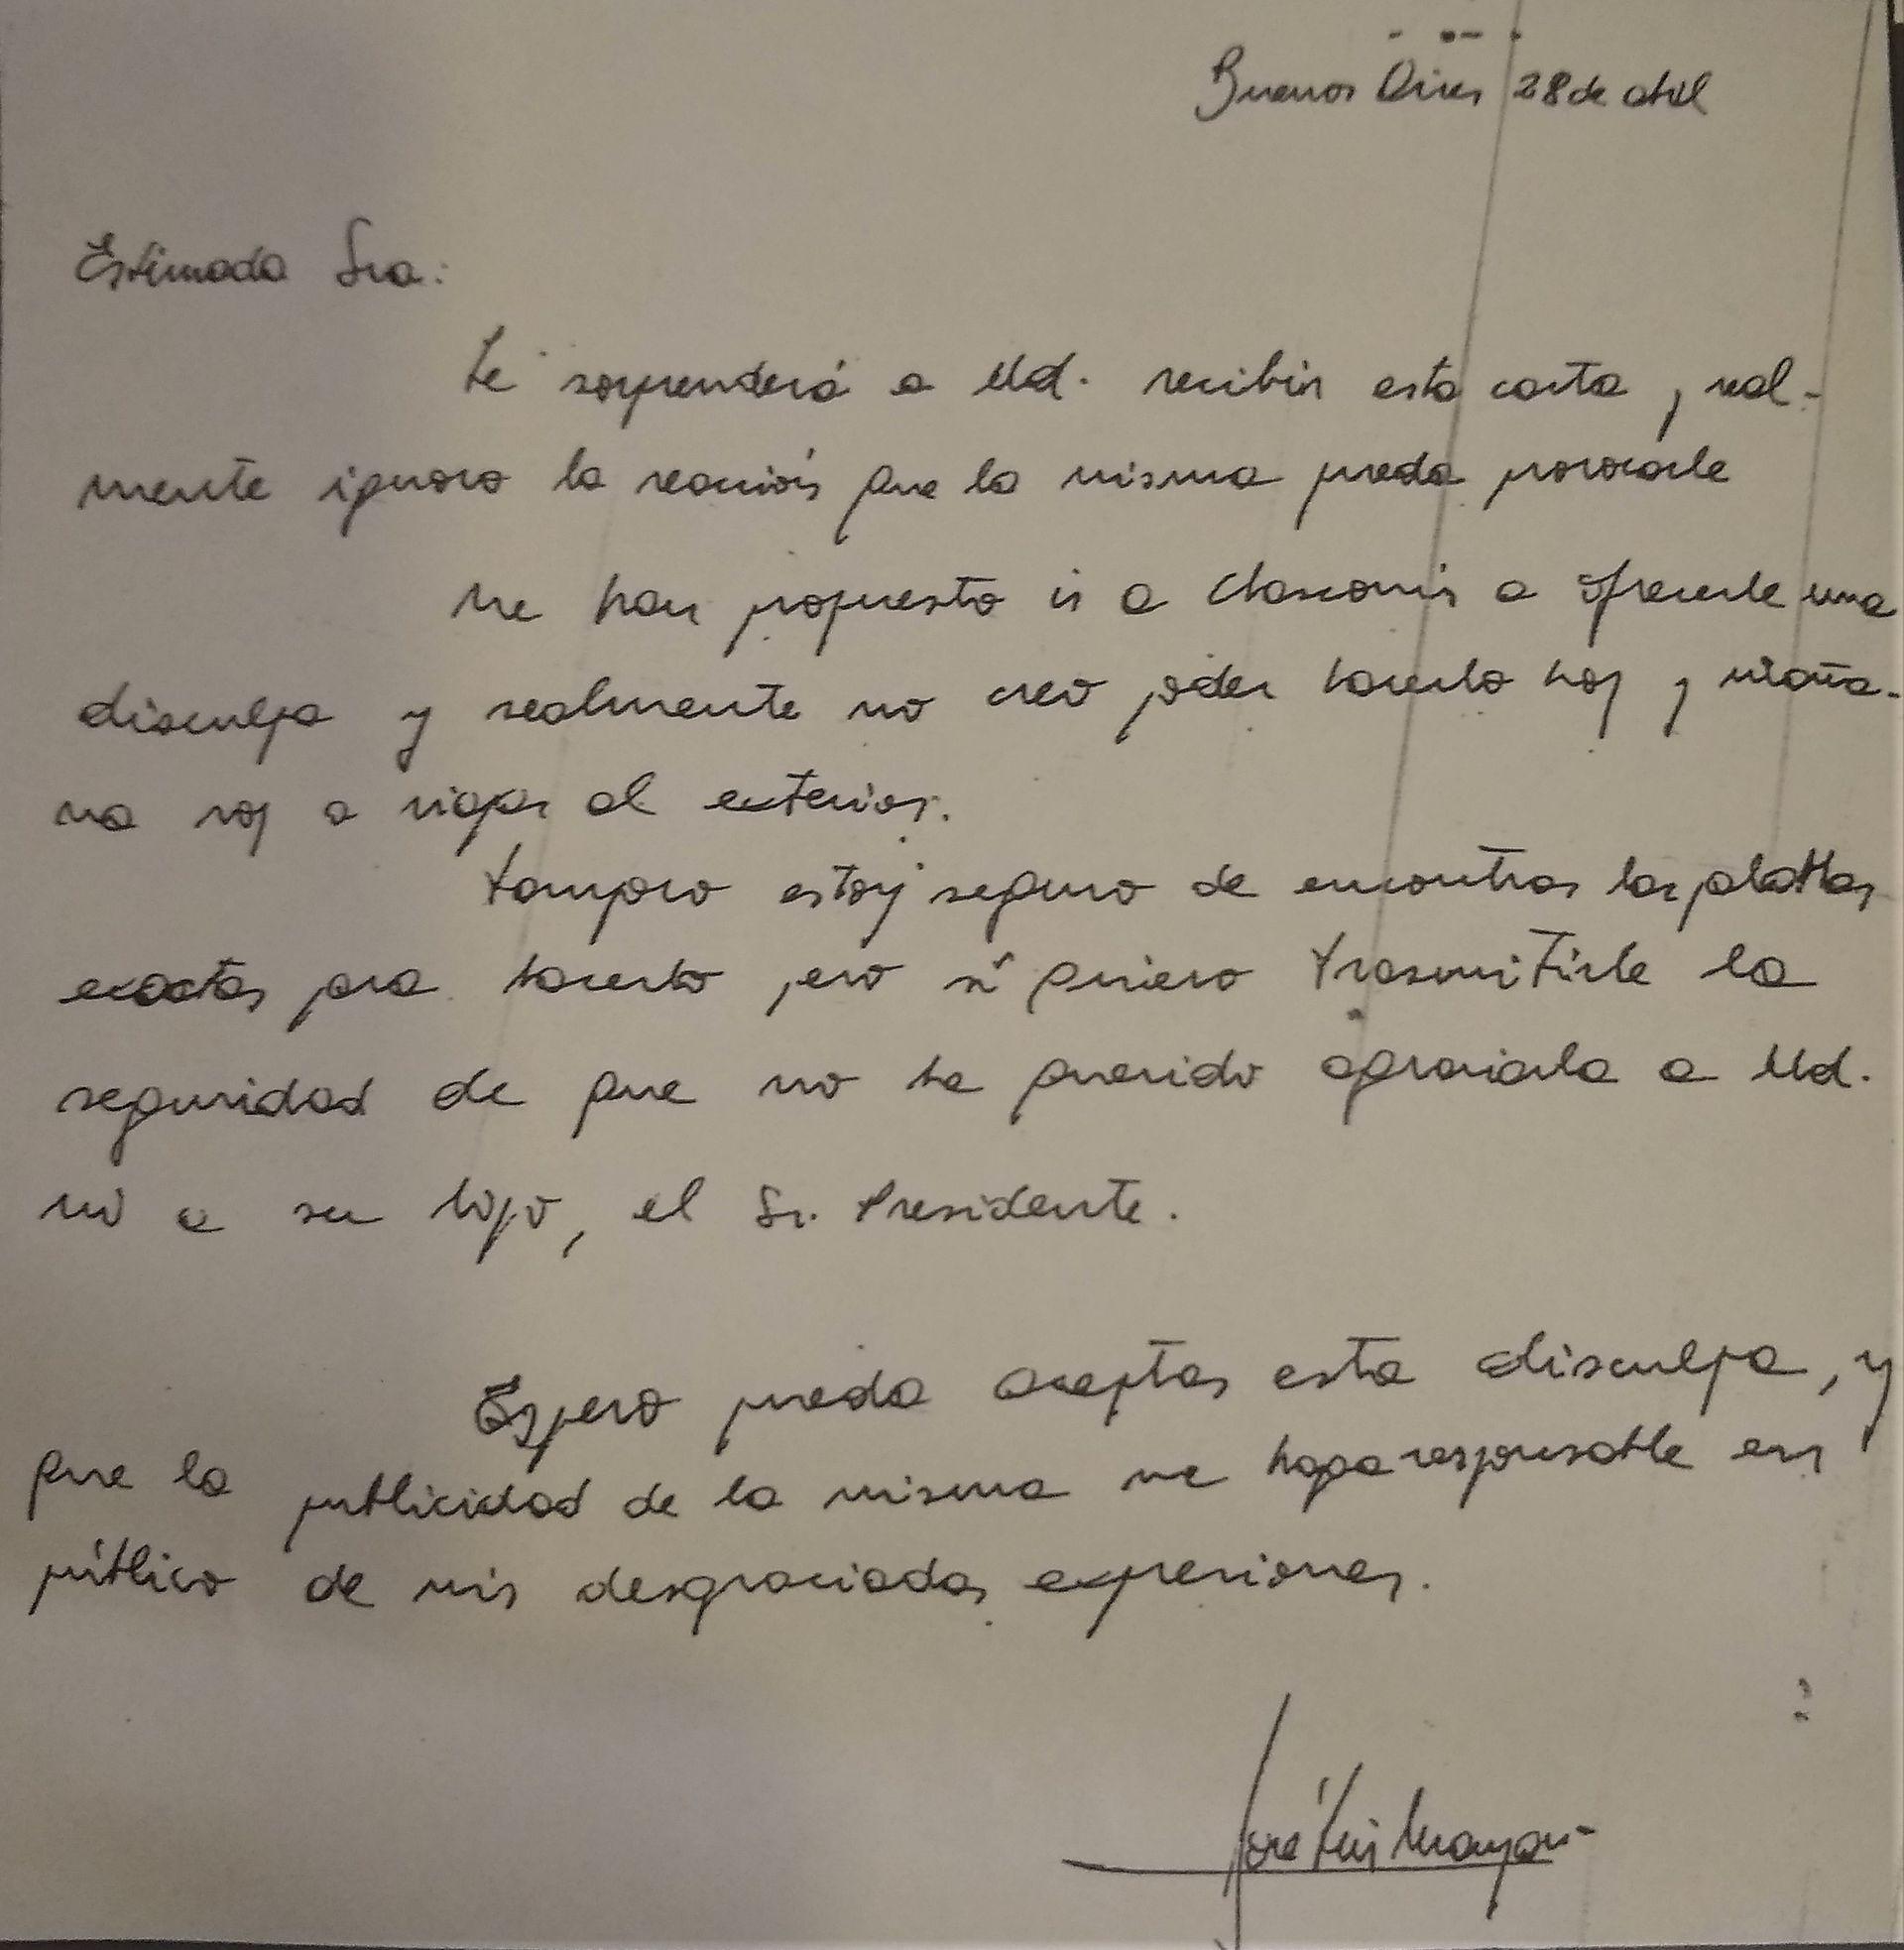 El 28 de abril de 1988, dos días después de haber insultado a Alfonsín durante un acto en Orán, José Luis Manzano le escribió esta carta a Ana María Foulkes, madre del entonces presidente, para pedirle disculpas.